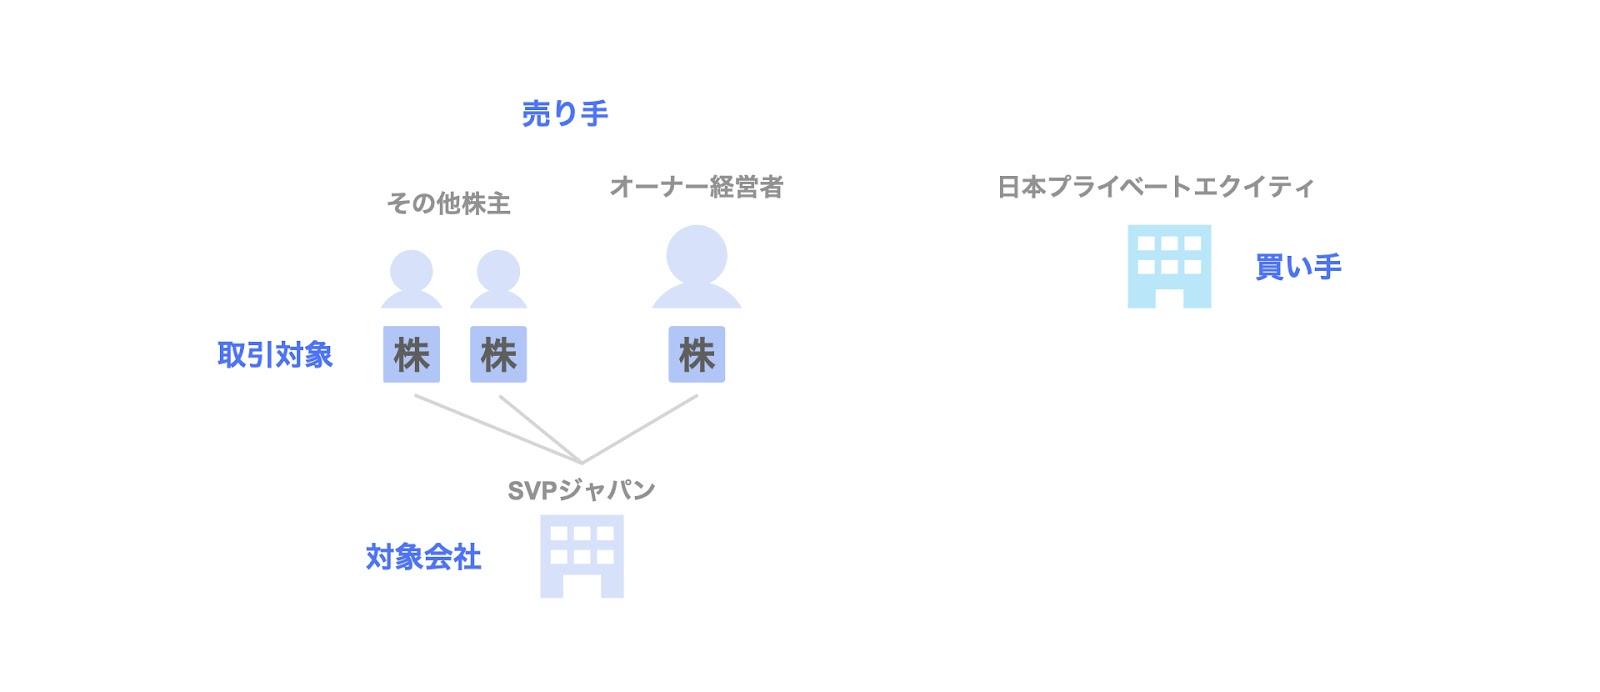 投資事例:日本プライベートエクイティによるSVPジャパンへの投資の関係者